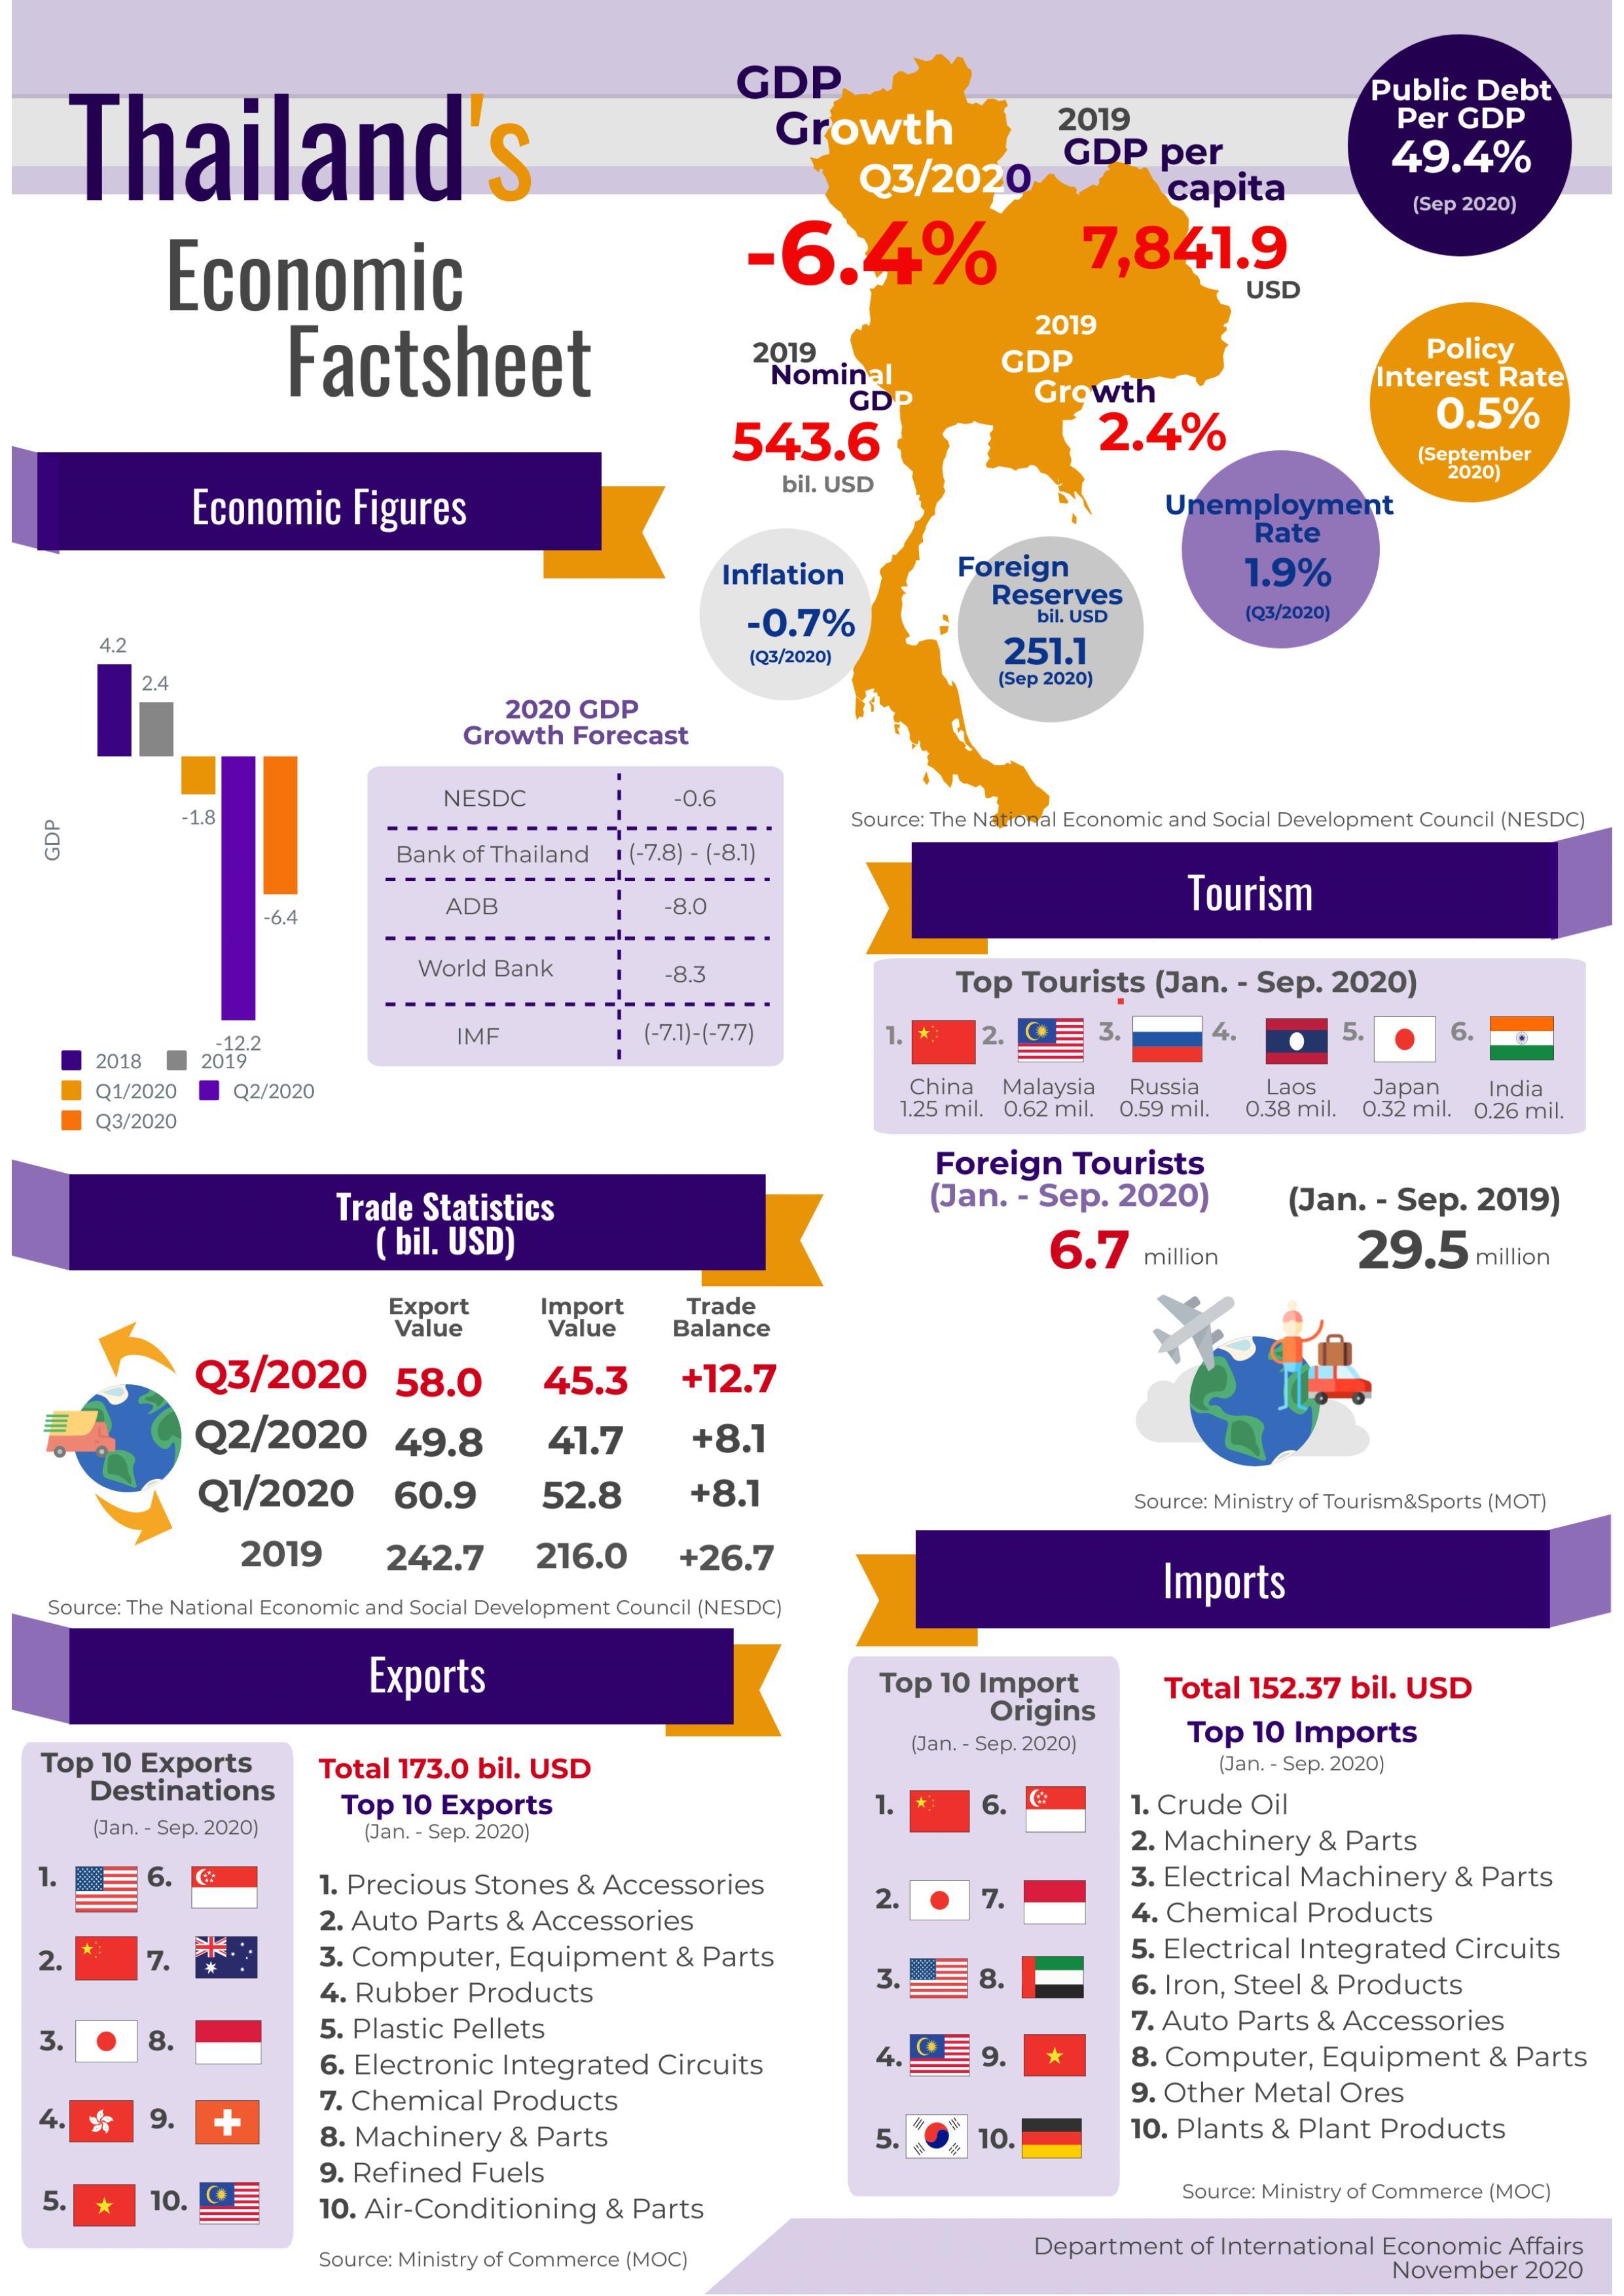 factsheet_สภาวะเศรษฐกิจไทย